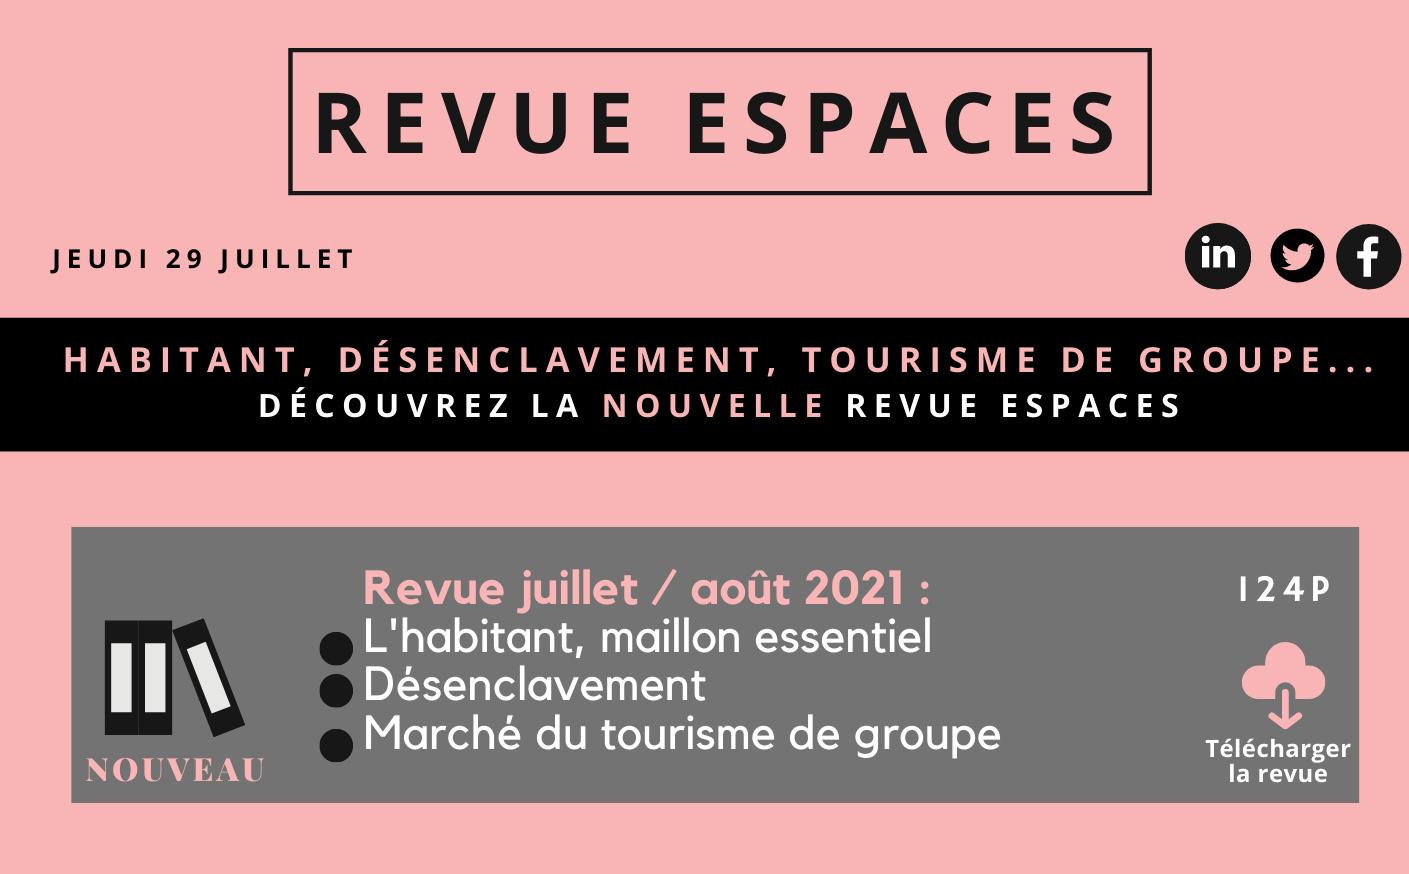 Nouvelle revue : Habitant, désenclavement, tourisme de groupe...